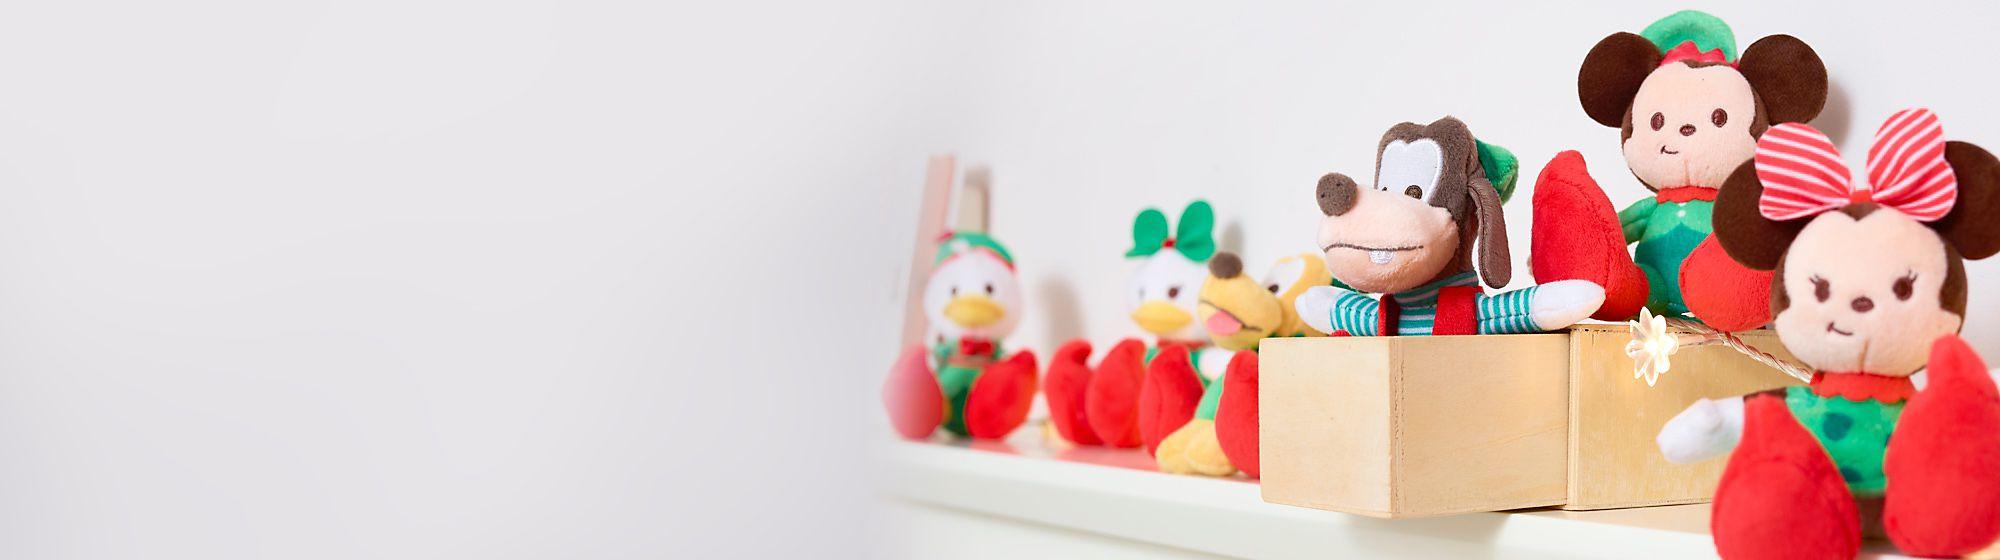 Tiny Big Feet Weihnachtselfen Erhältlich ab 9. November Micky und seine Freunde bereiten sich mit unseren Kuscheltieren auf Weihnachten vor